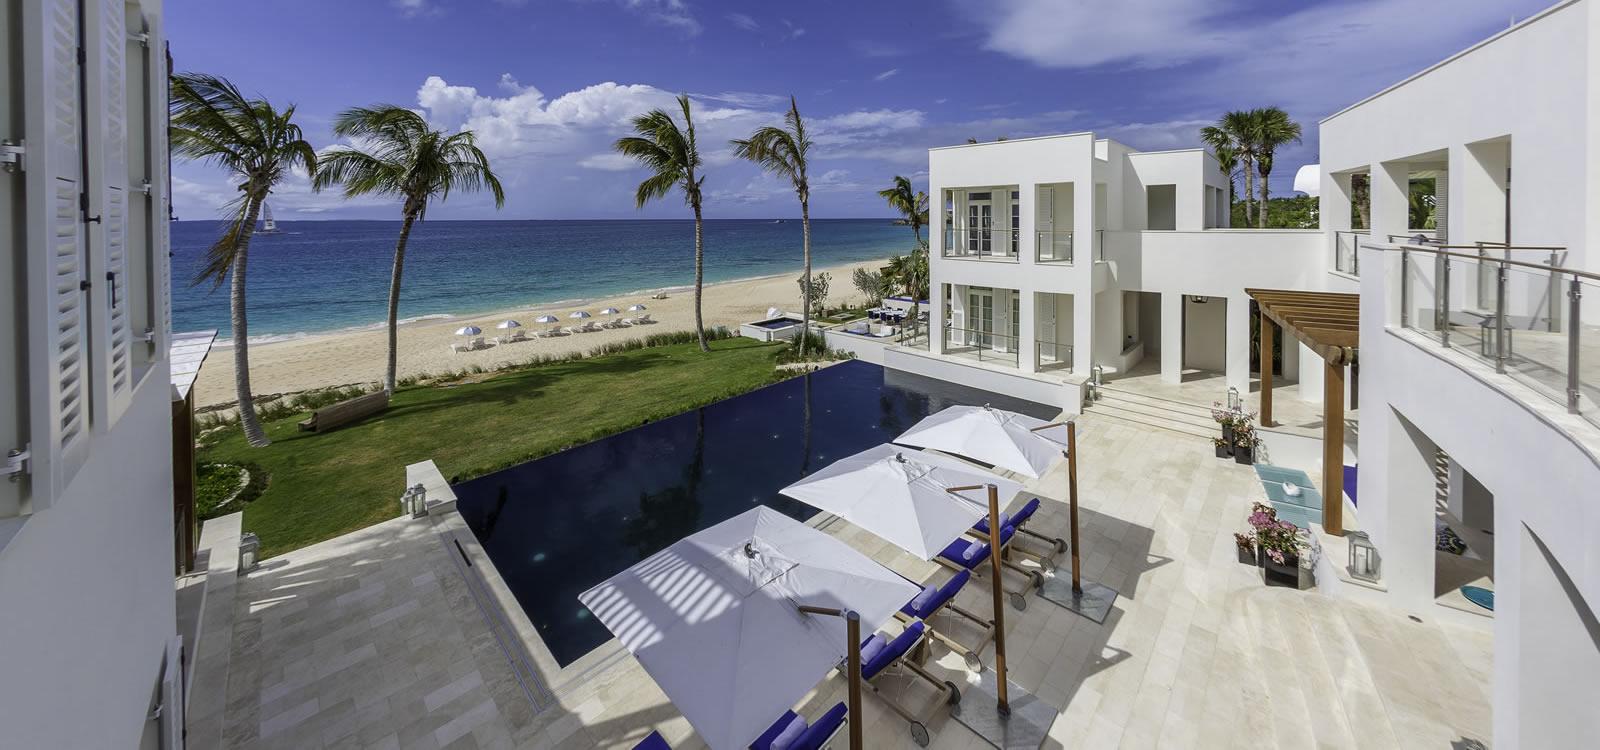 9 bedroom ultra luxury beachfront villa for sale barnes bay anguilla